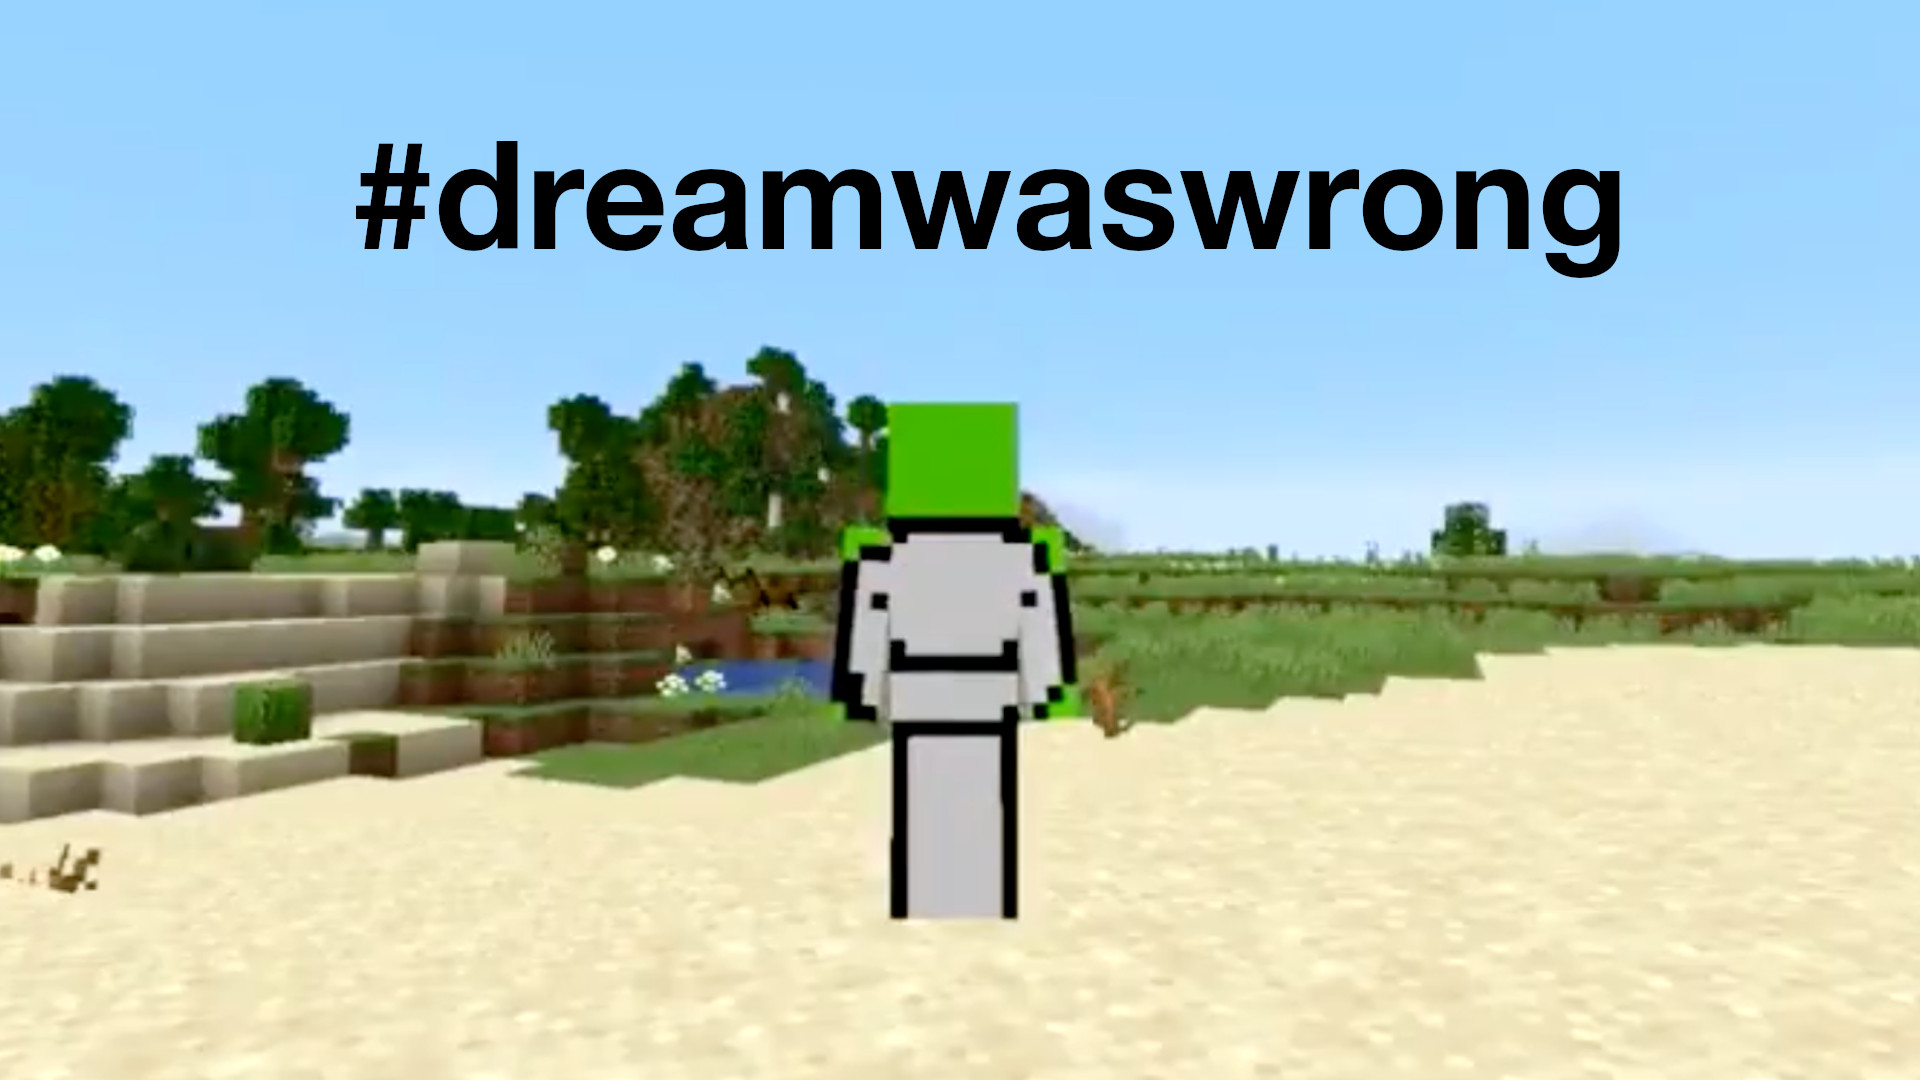 dreamwaswrong